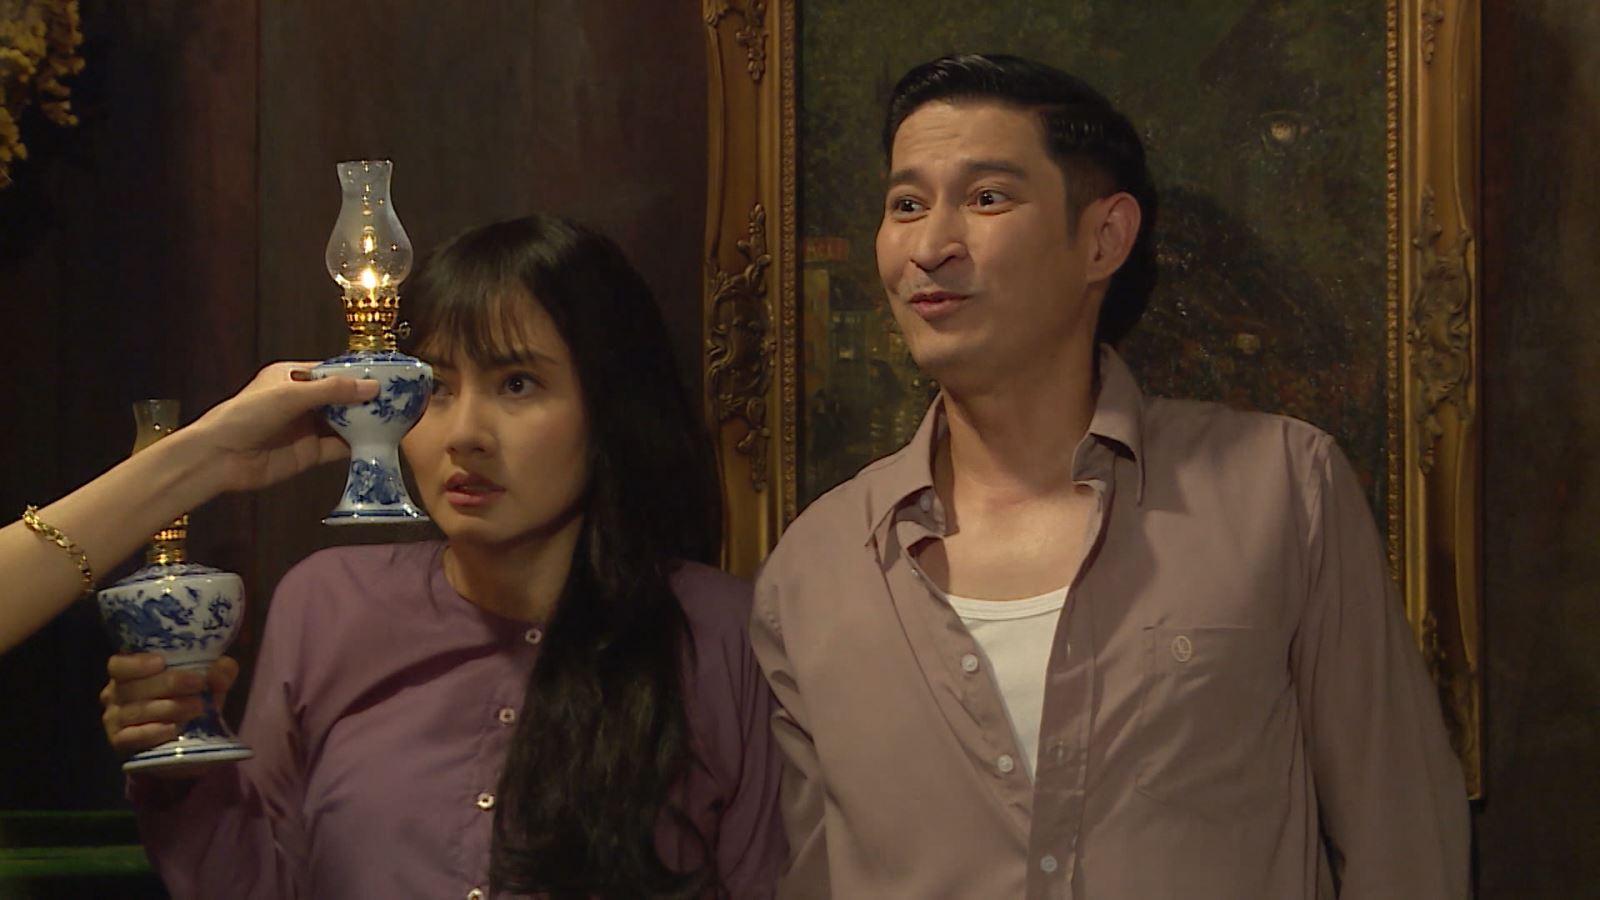 Những phim truyền hình Việt ấn tượng nhất 2020: Phim từng được xem nhiều nhất là một cái tên gây bất ngờ - Ảnh 8.